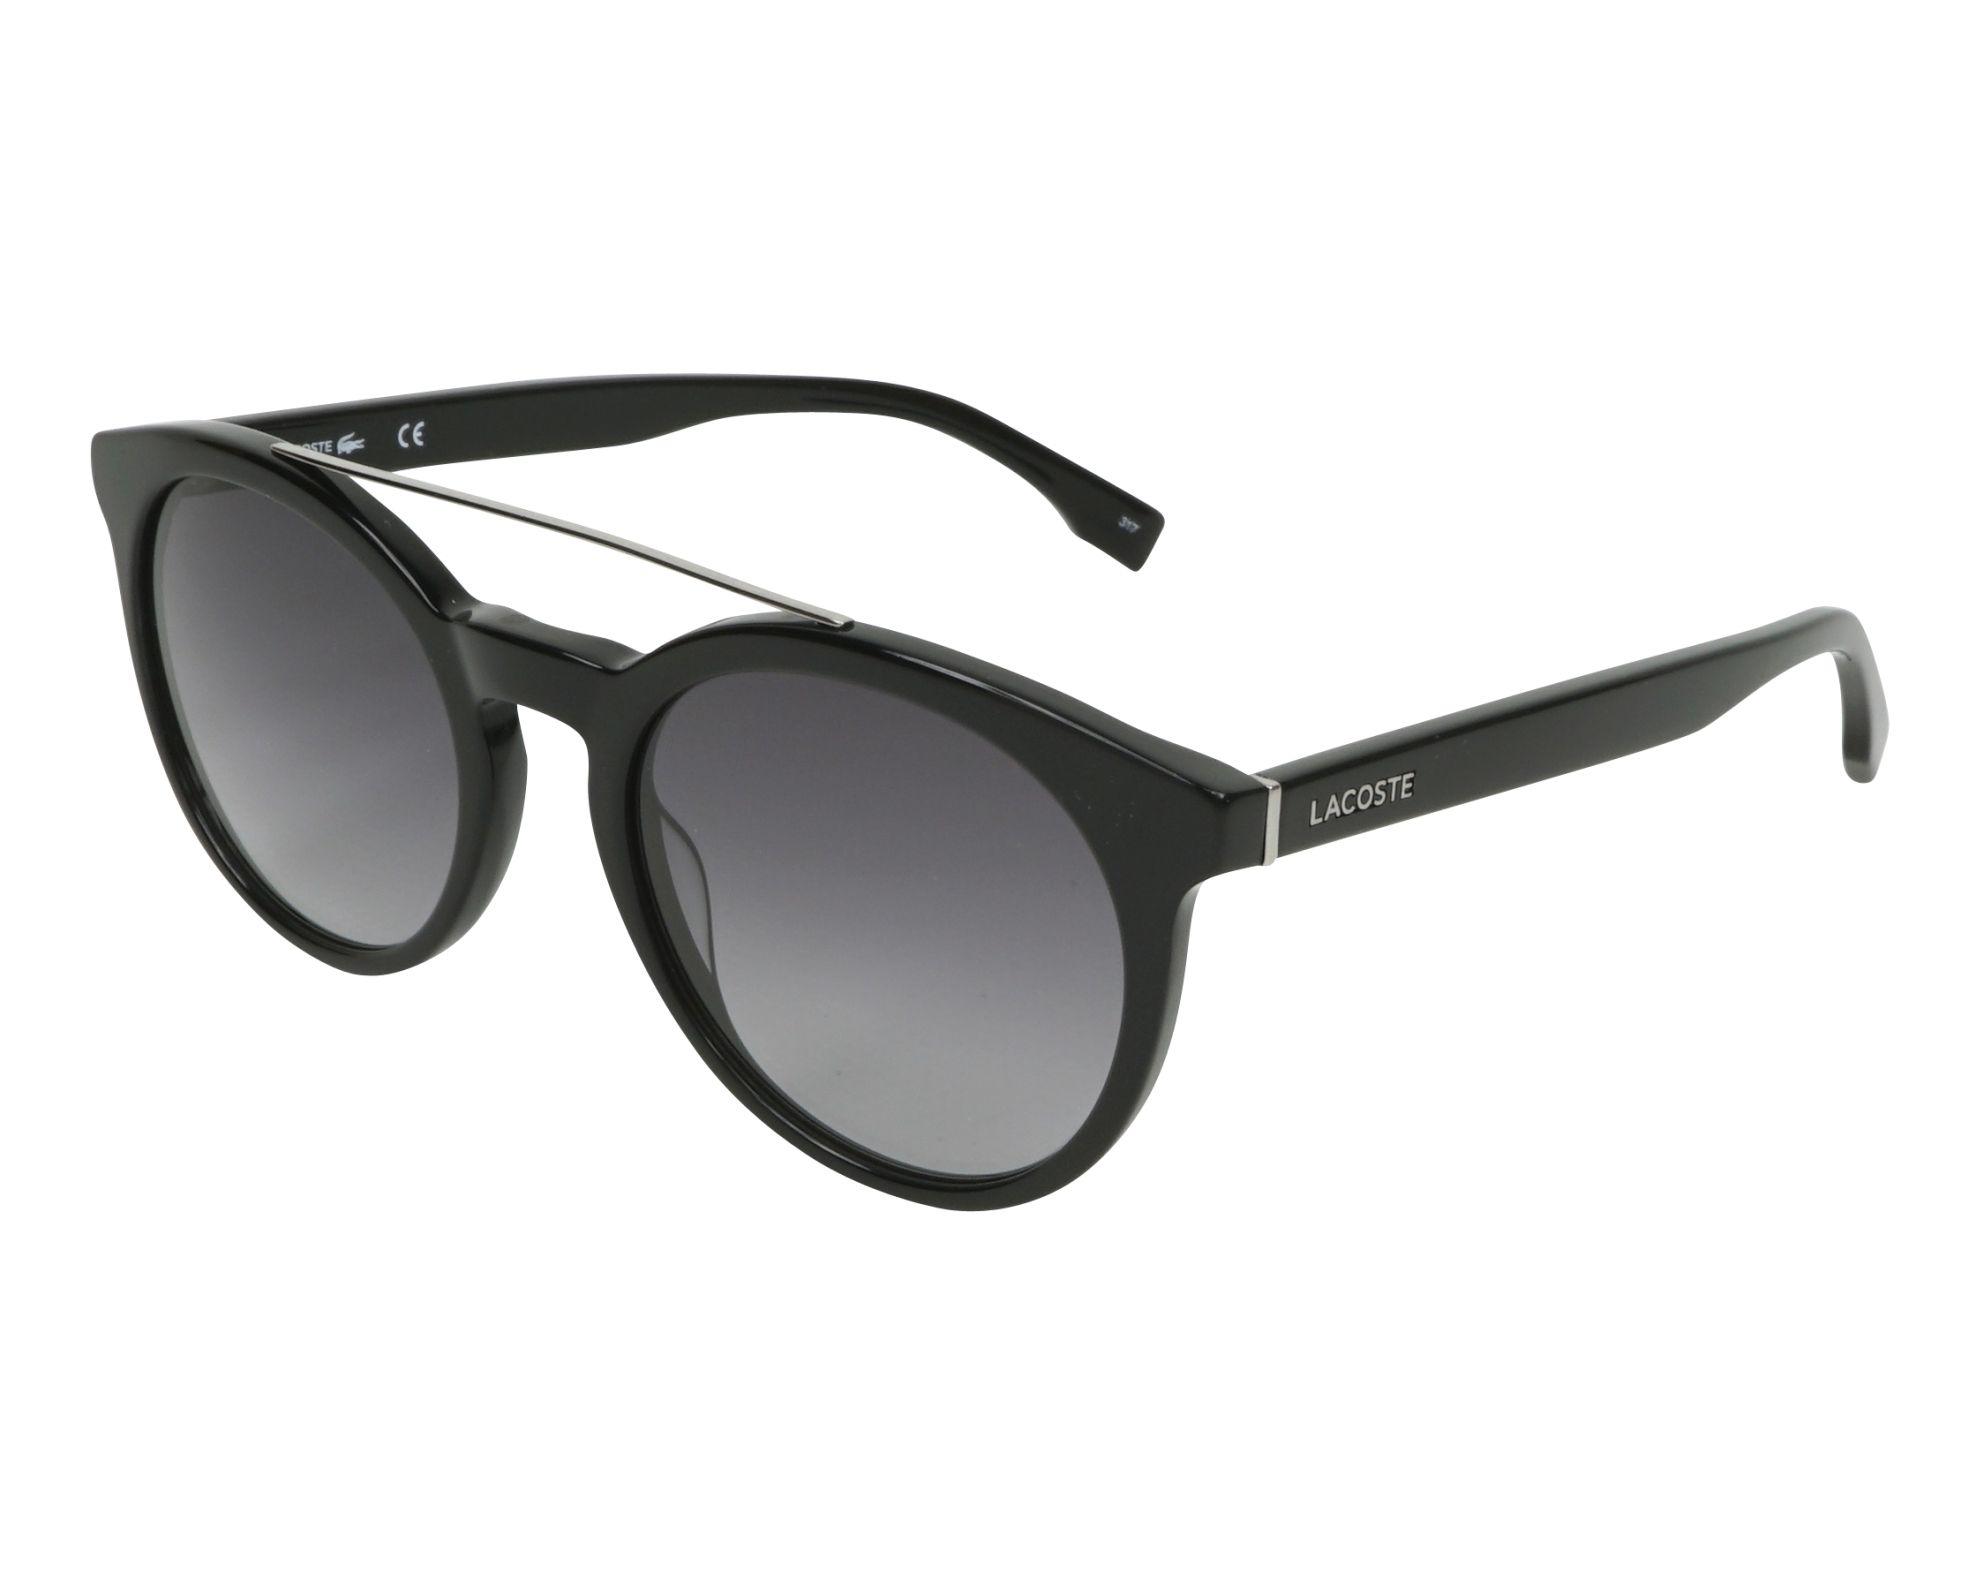 09ee220d099fdd Sunglasses Lacoste L-821-S 001 - Black Silver profile view